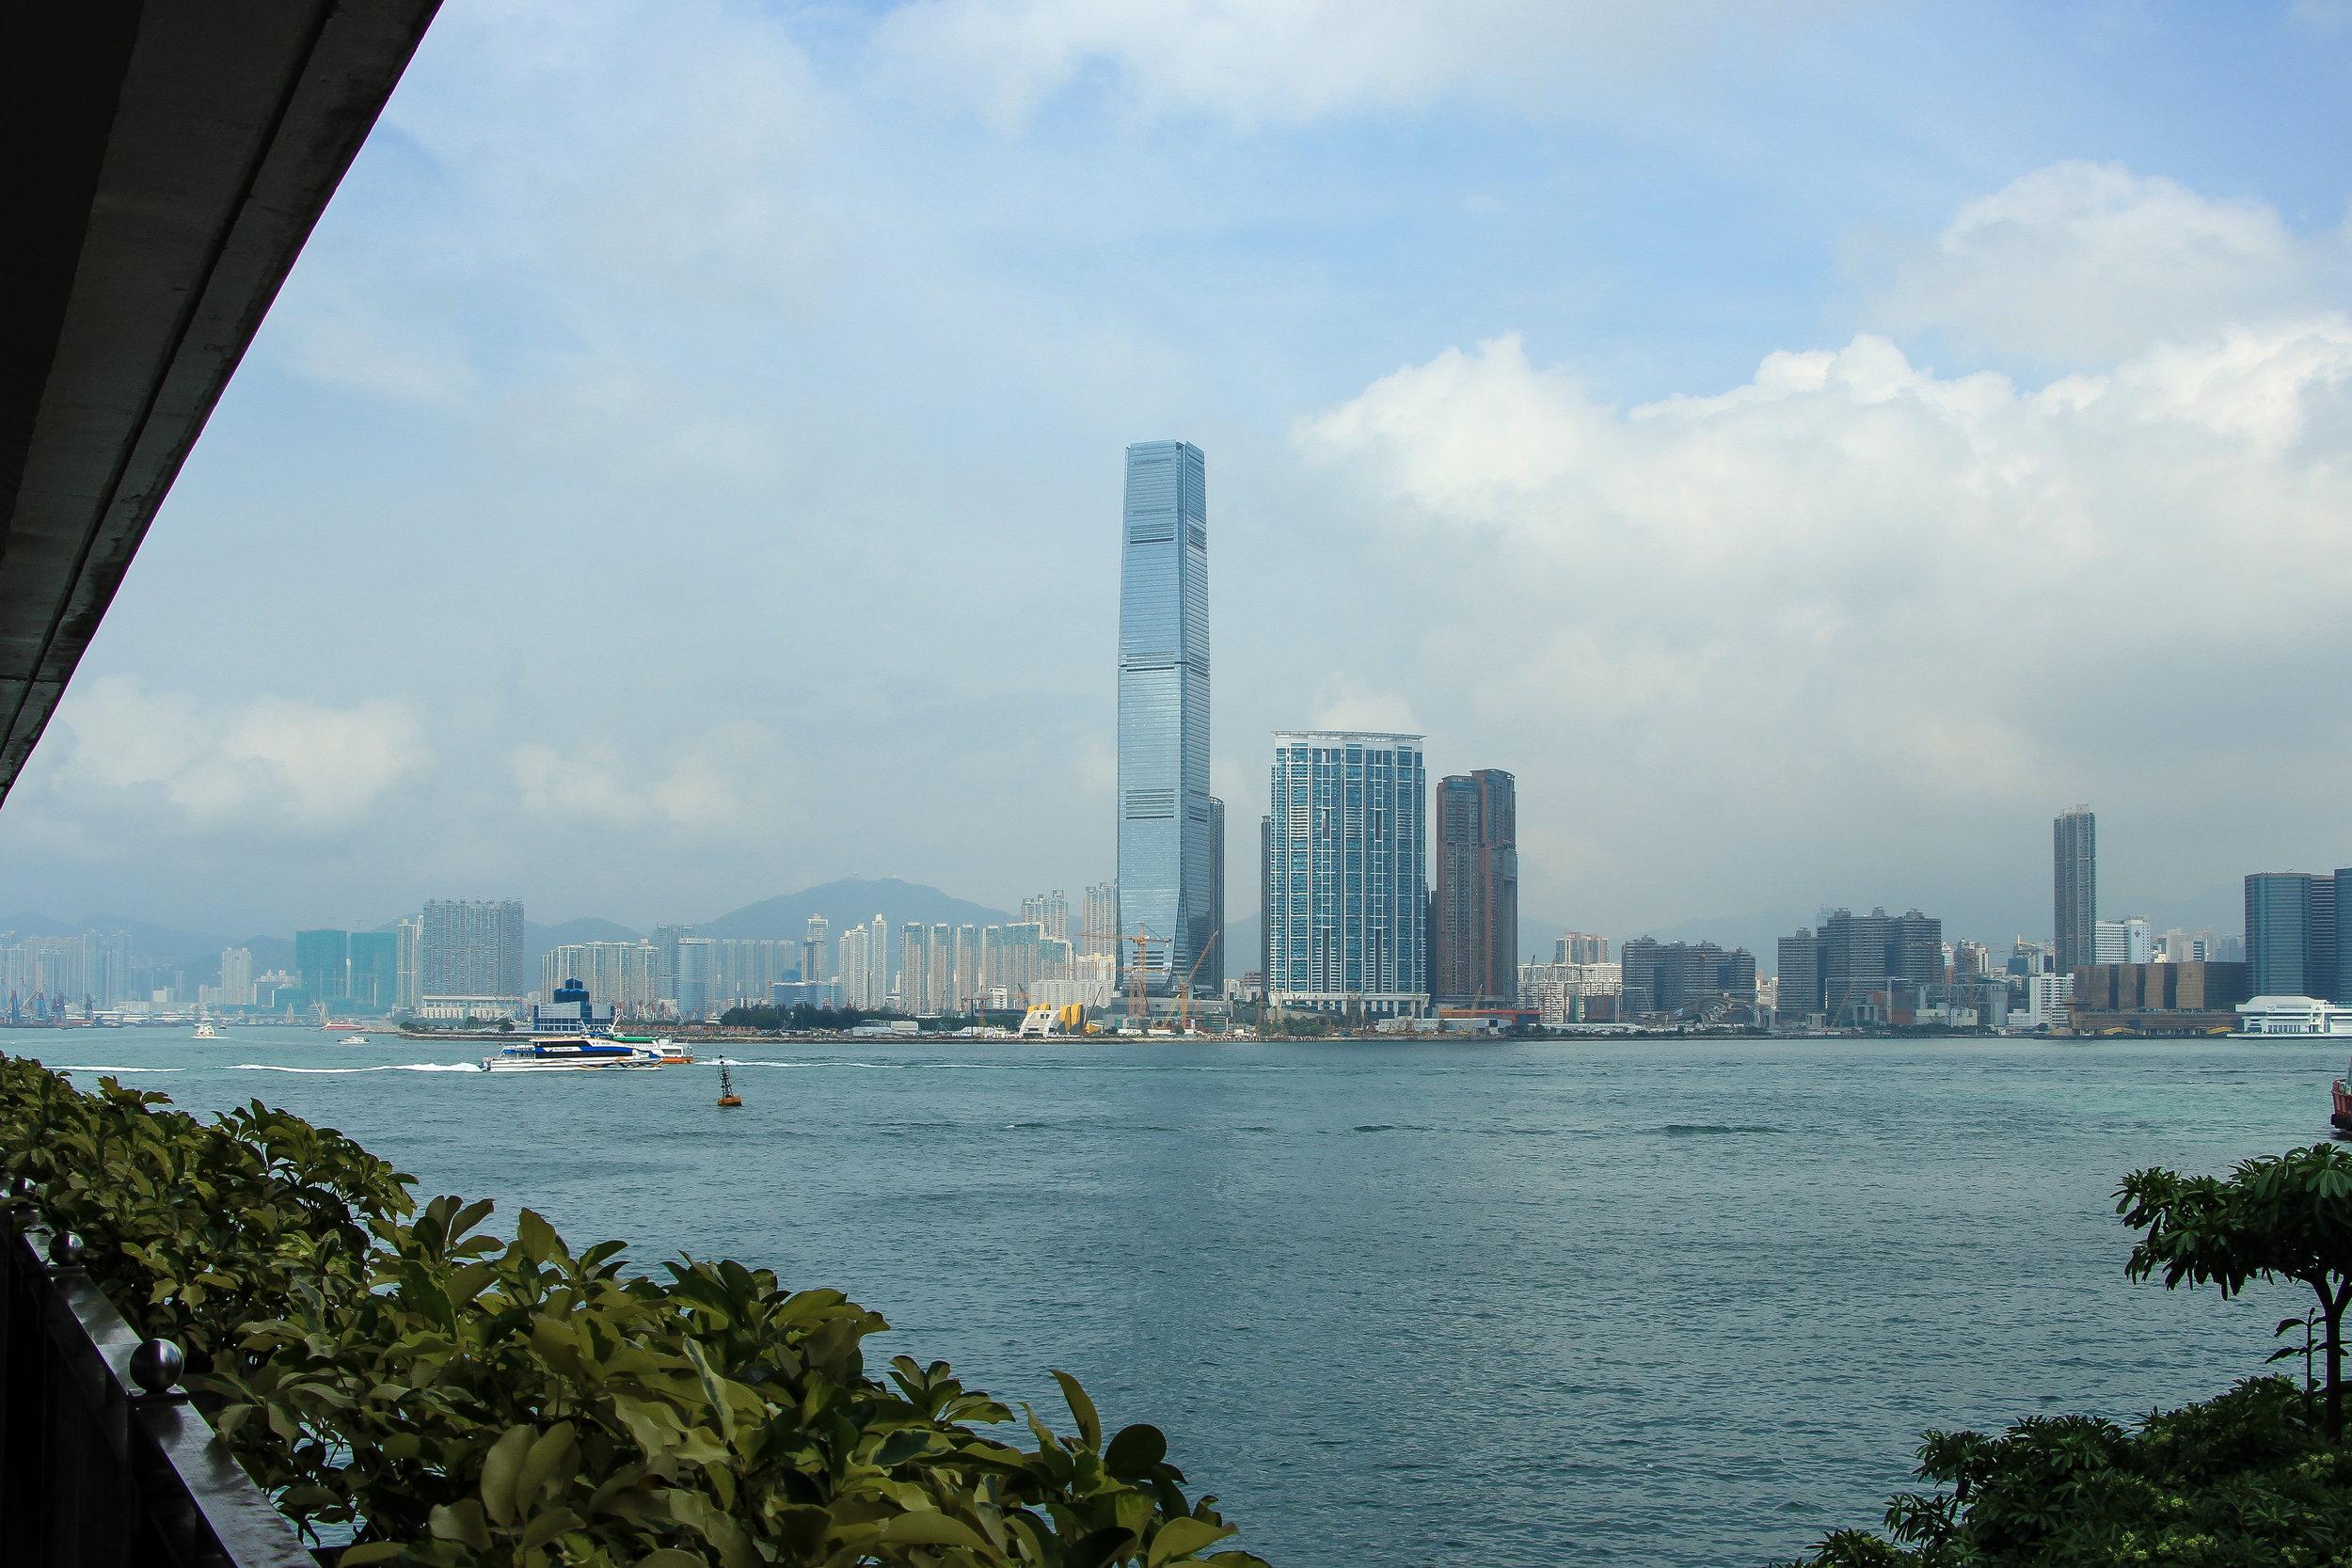 HONG KONG, HONG KONG ISLAND, kowloon, South China Sea, ARCHITECTURE, MINIMAL, ASIA | DOLESSGETMOREDONE.COM |